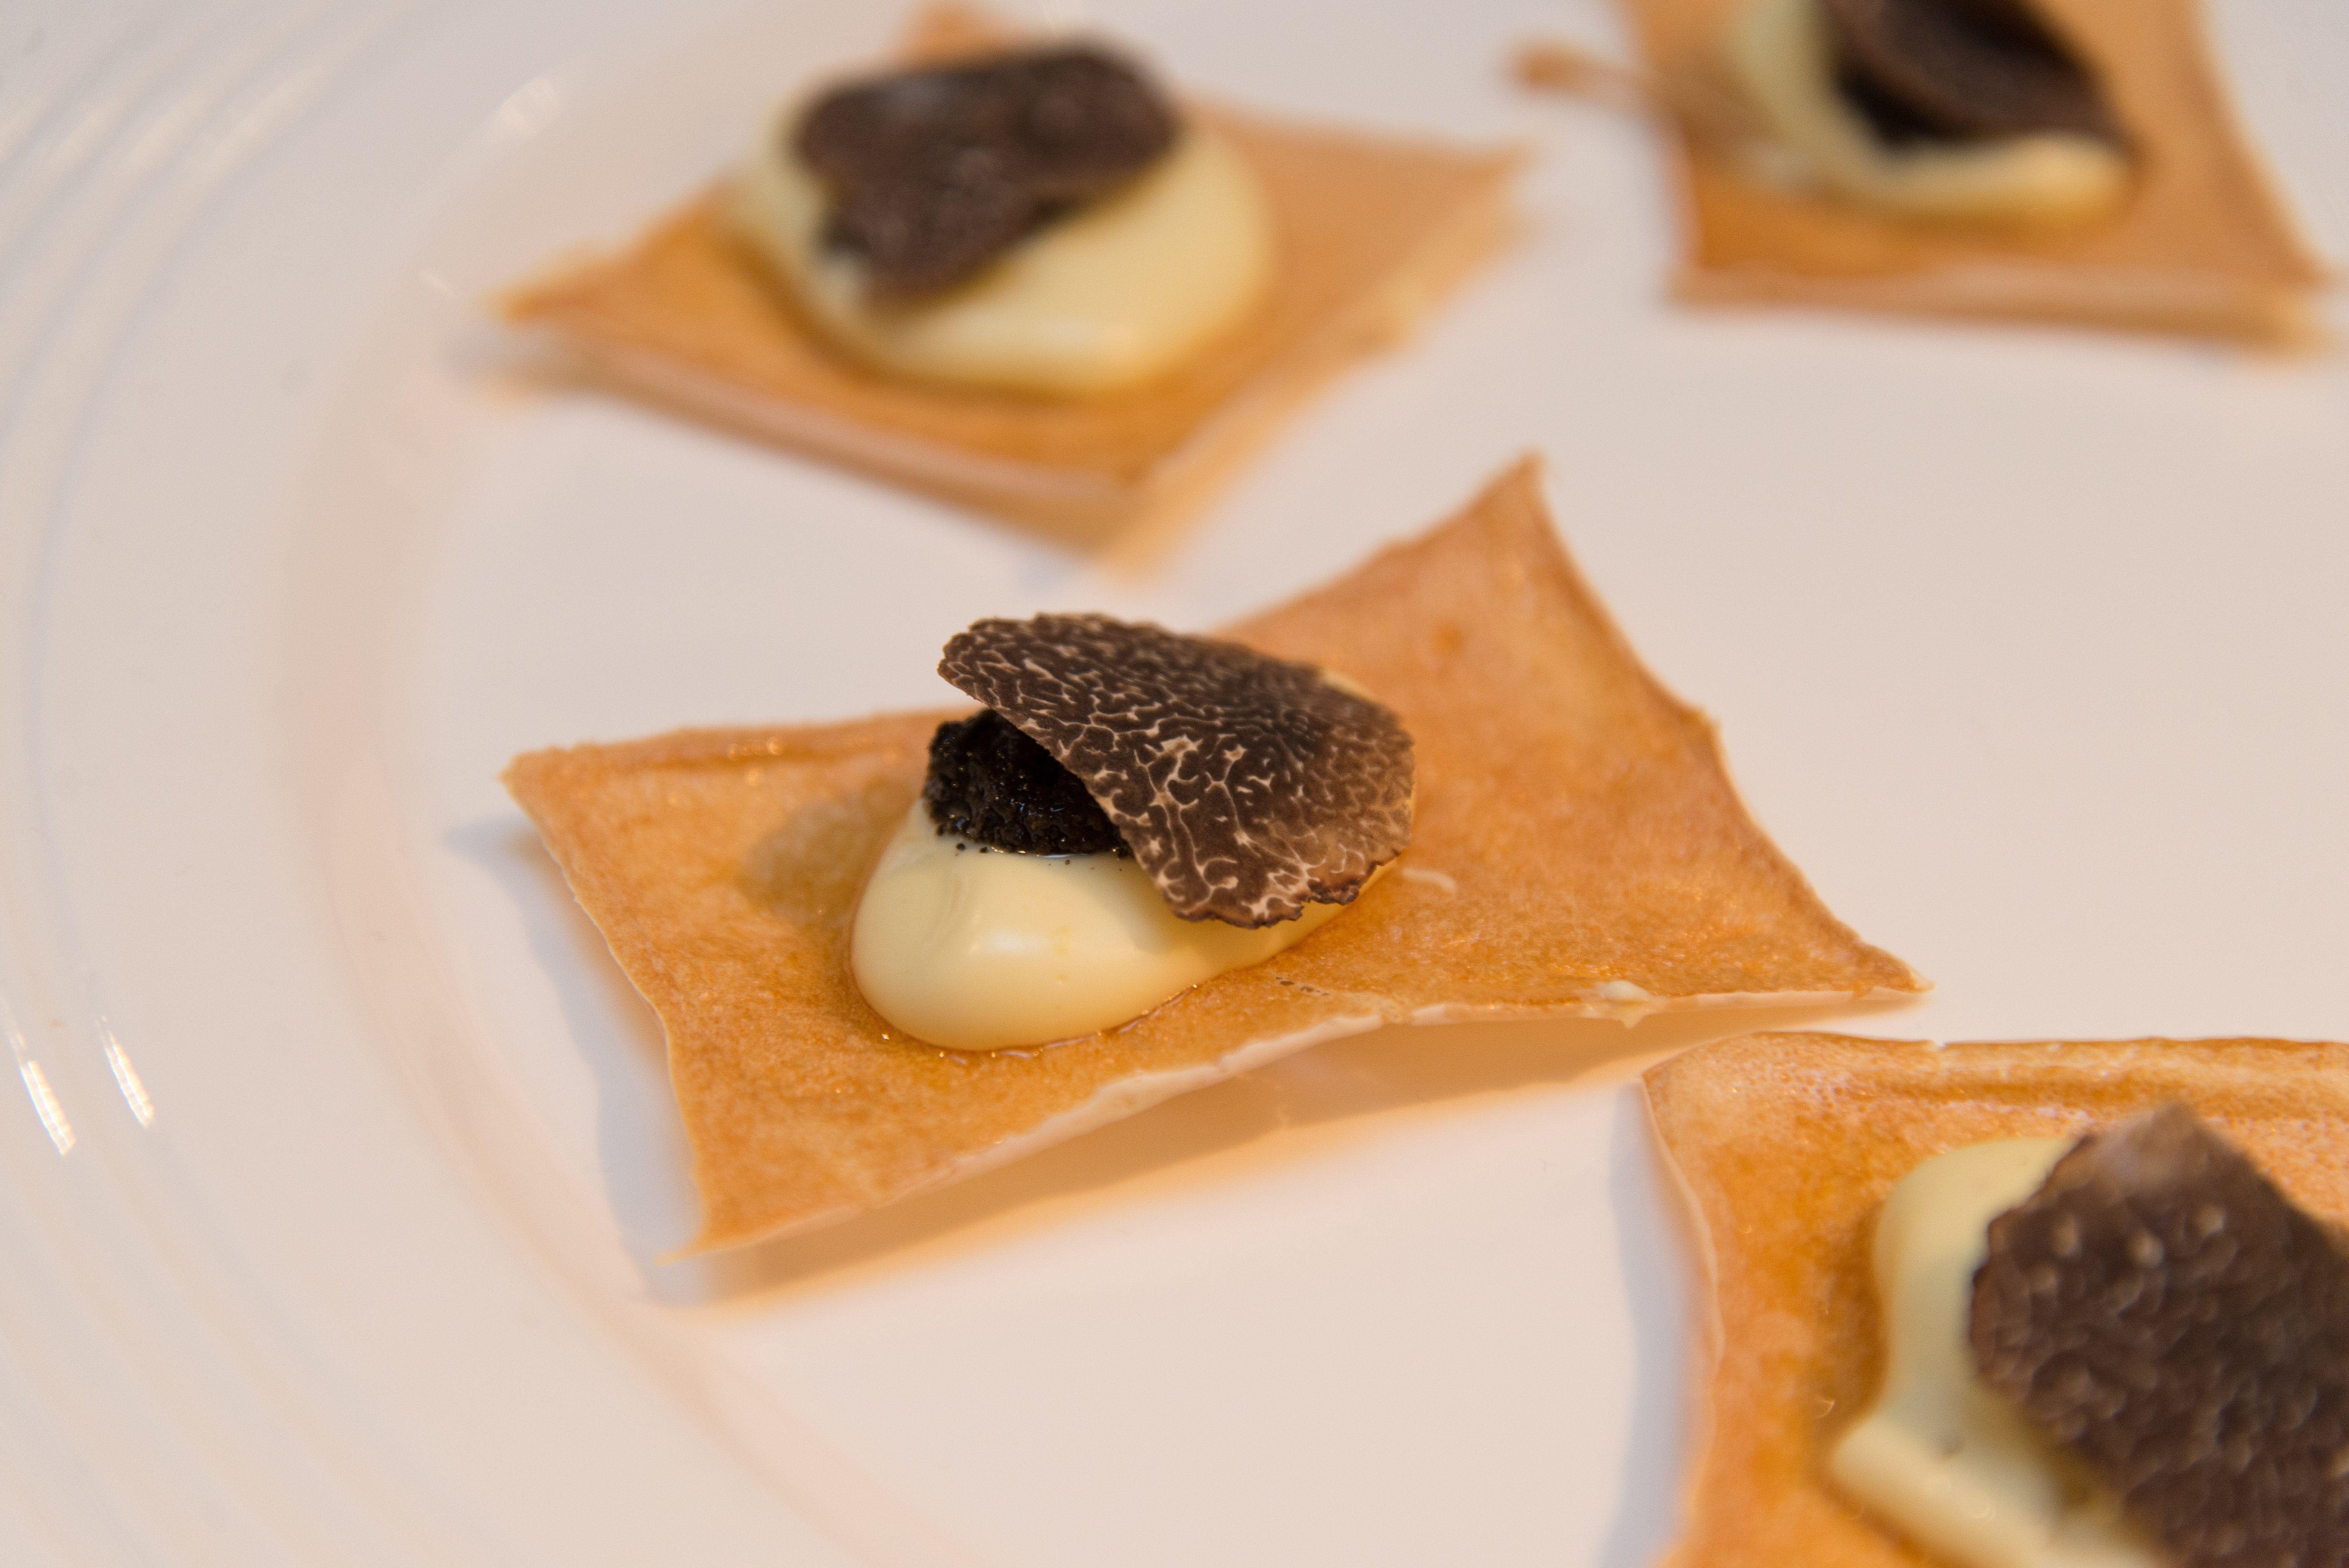 New Favorite Dish Added By Contributing Chef Matthew Accarrino Of Spqr Homemade Kuzu Crisp With Aligote Black Truffle From Favorite Dish Truffles Food